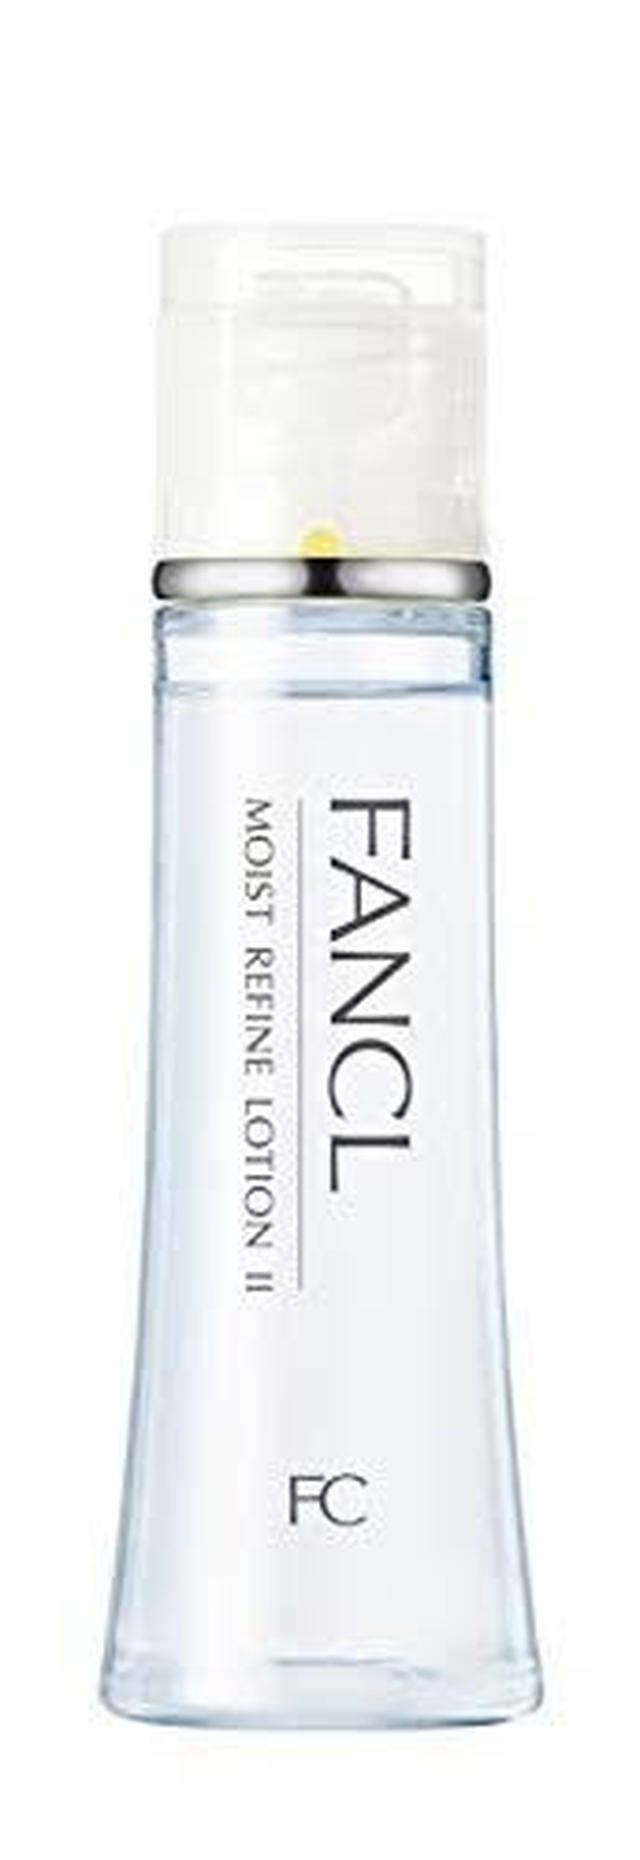 画像3: さっぱりなのにしっかり潤う!おすすめ基礎化粧品4選